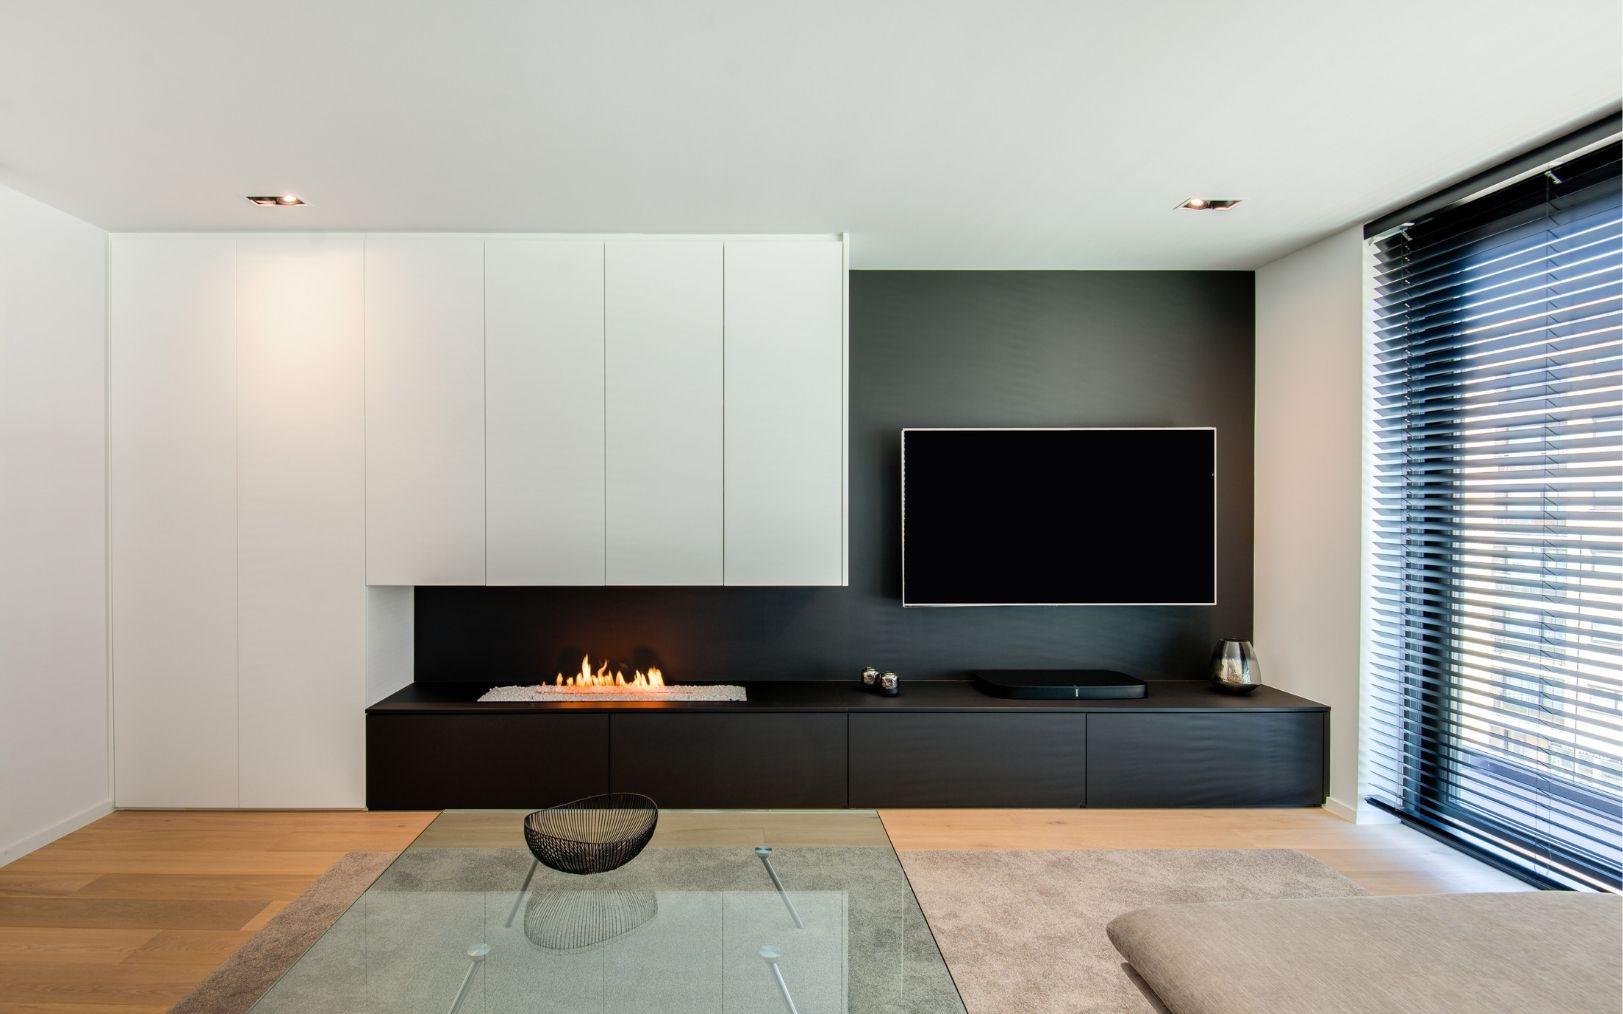 Tv-meubel met ingebouwde gashaard en wandkast waarin een bureau verborgen is